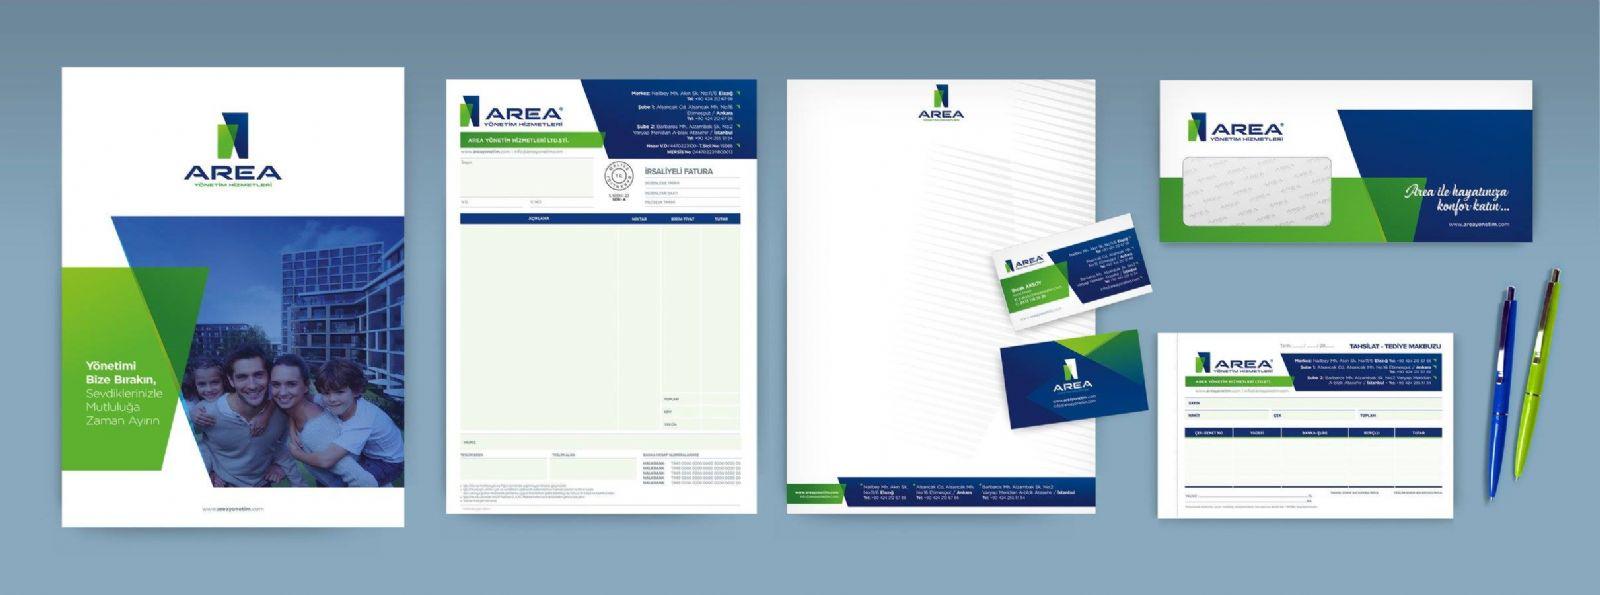 area yonetim hizmetleri kurumsal kimlik basili urunler 2